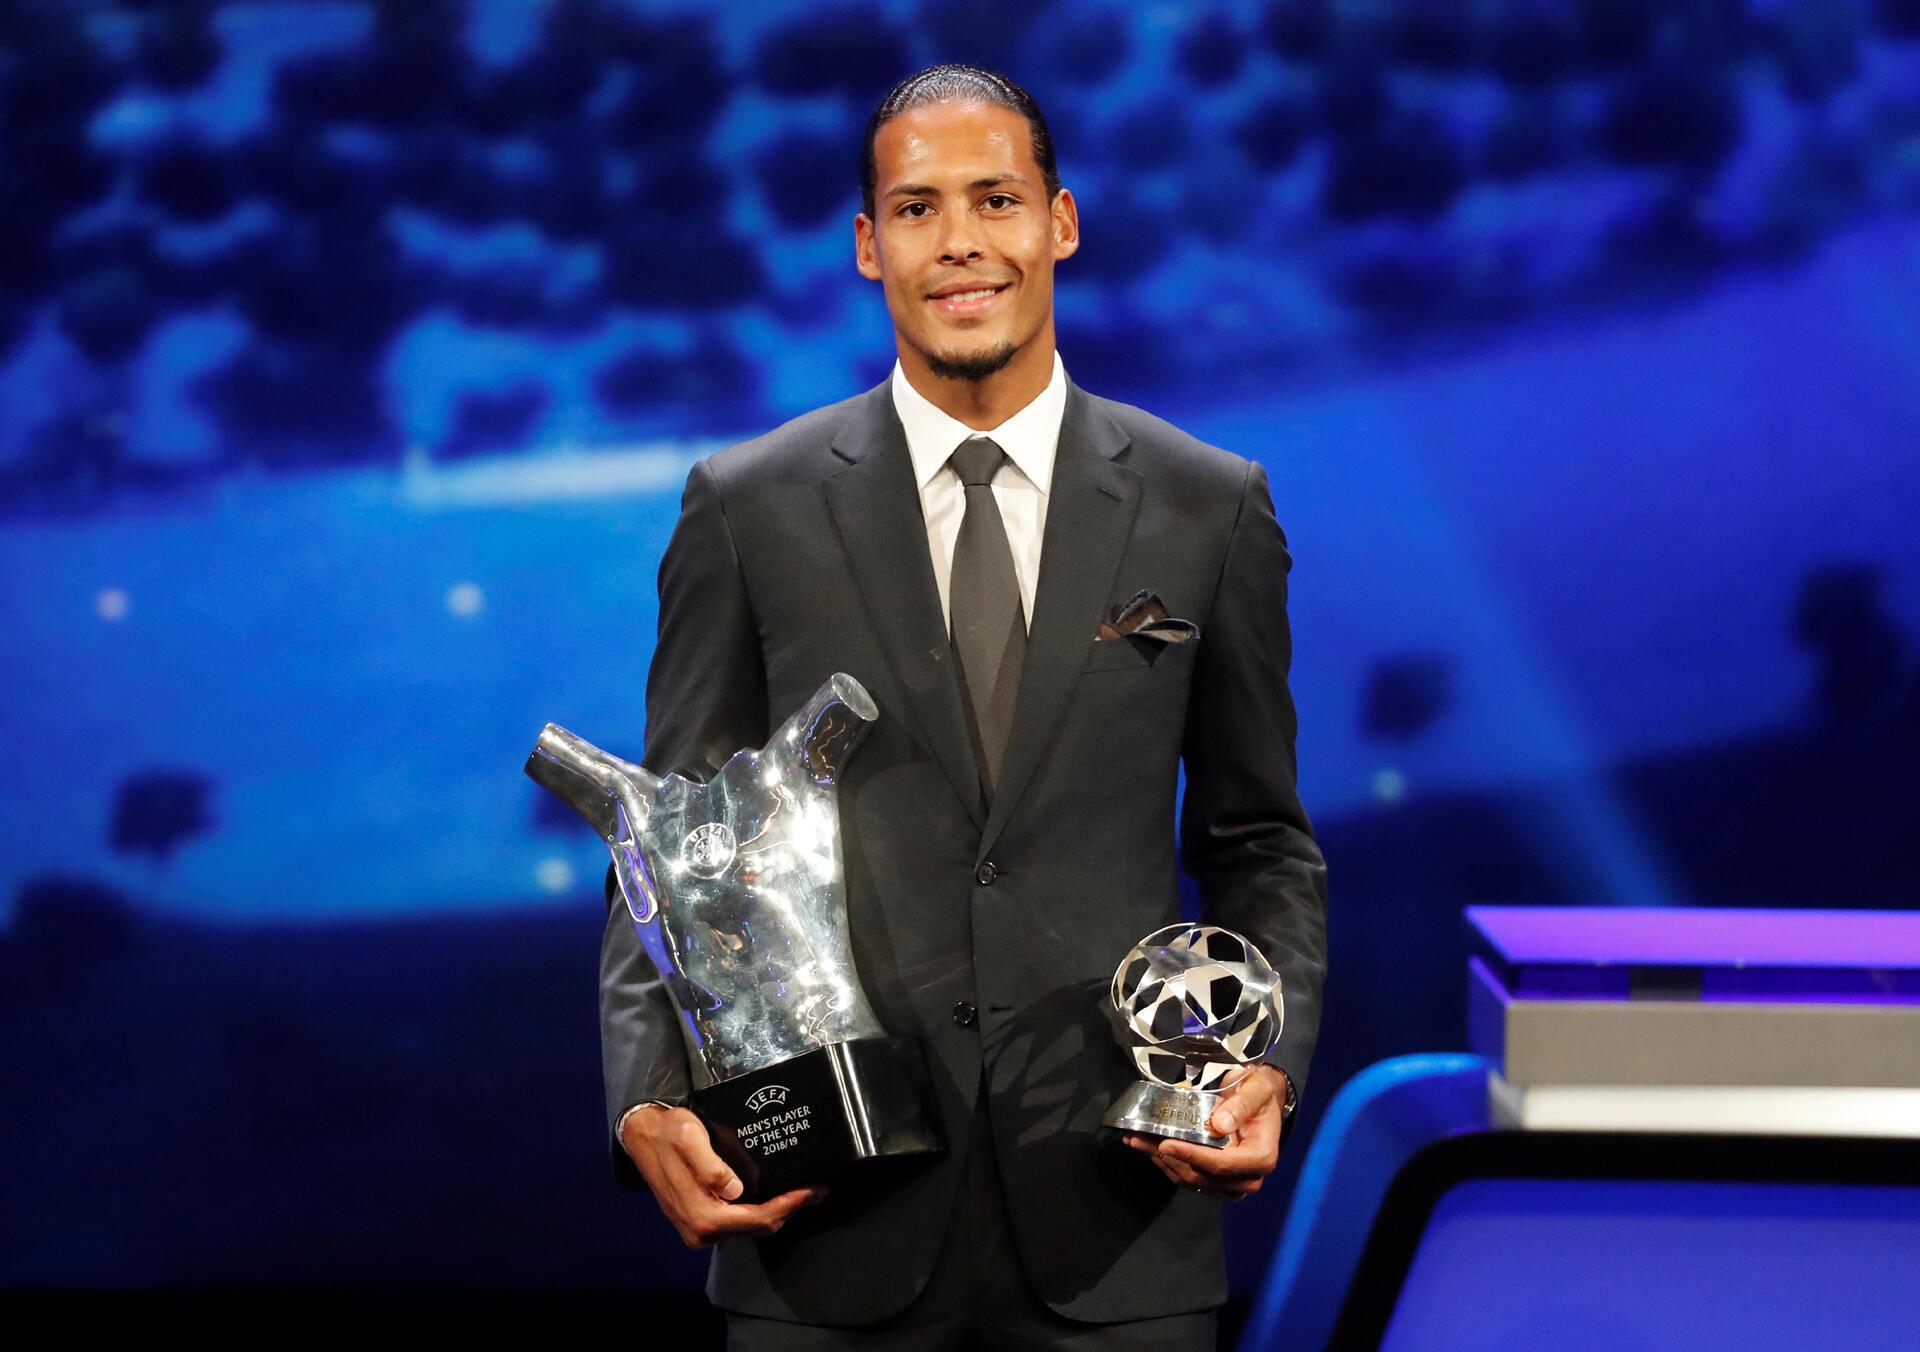 Virgil van Dijk, defesa do Liverpool, recebeu o prémio de melhor jogador da UEFA.